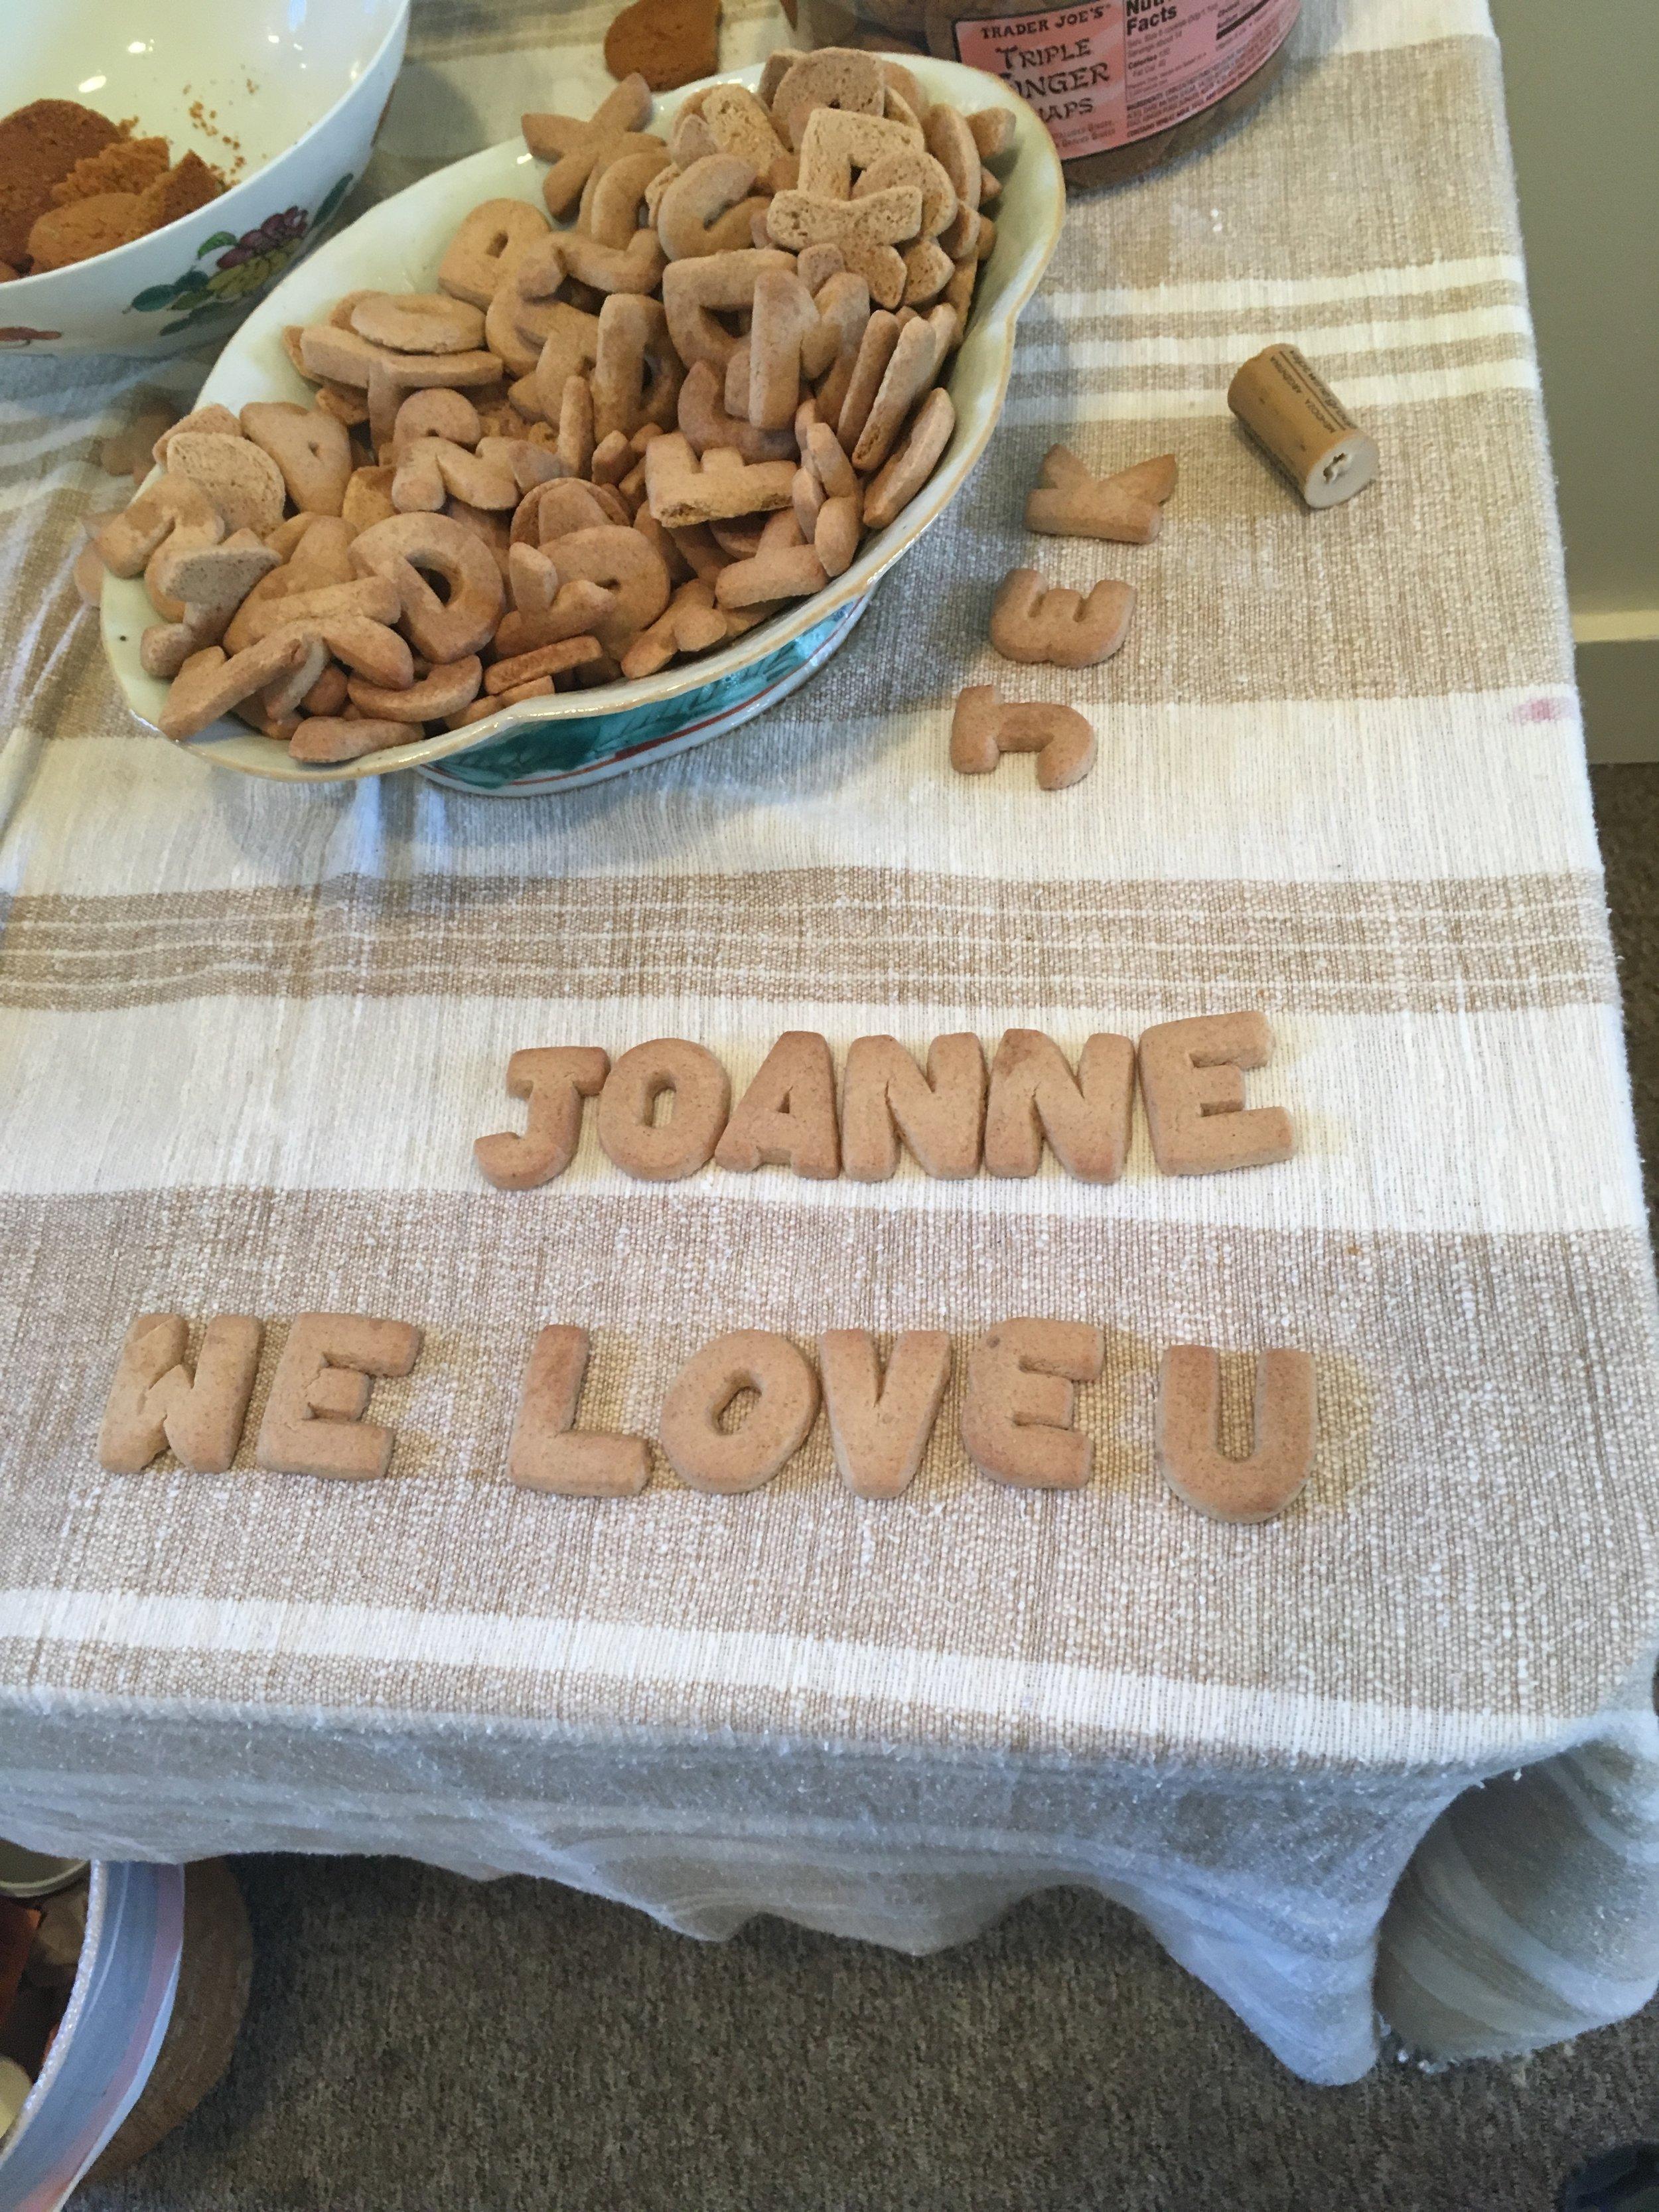 Joanne We Love U.jpg